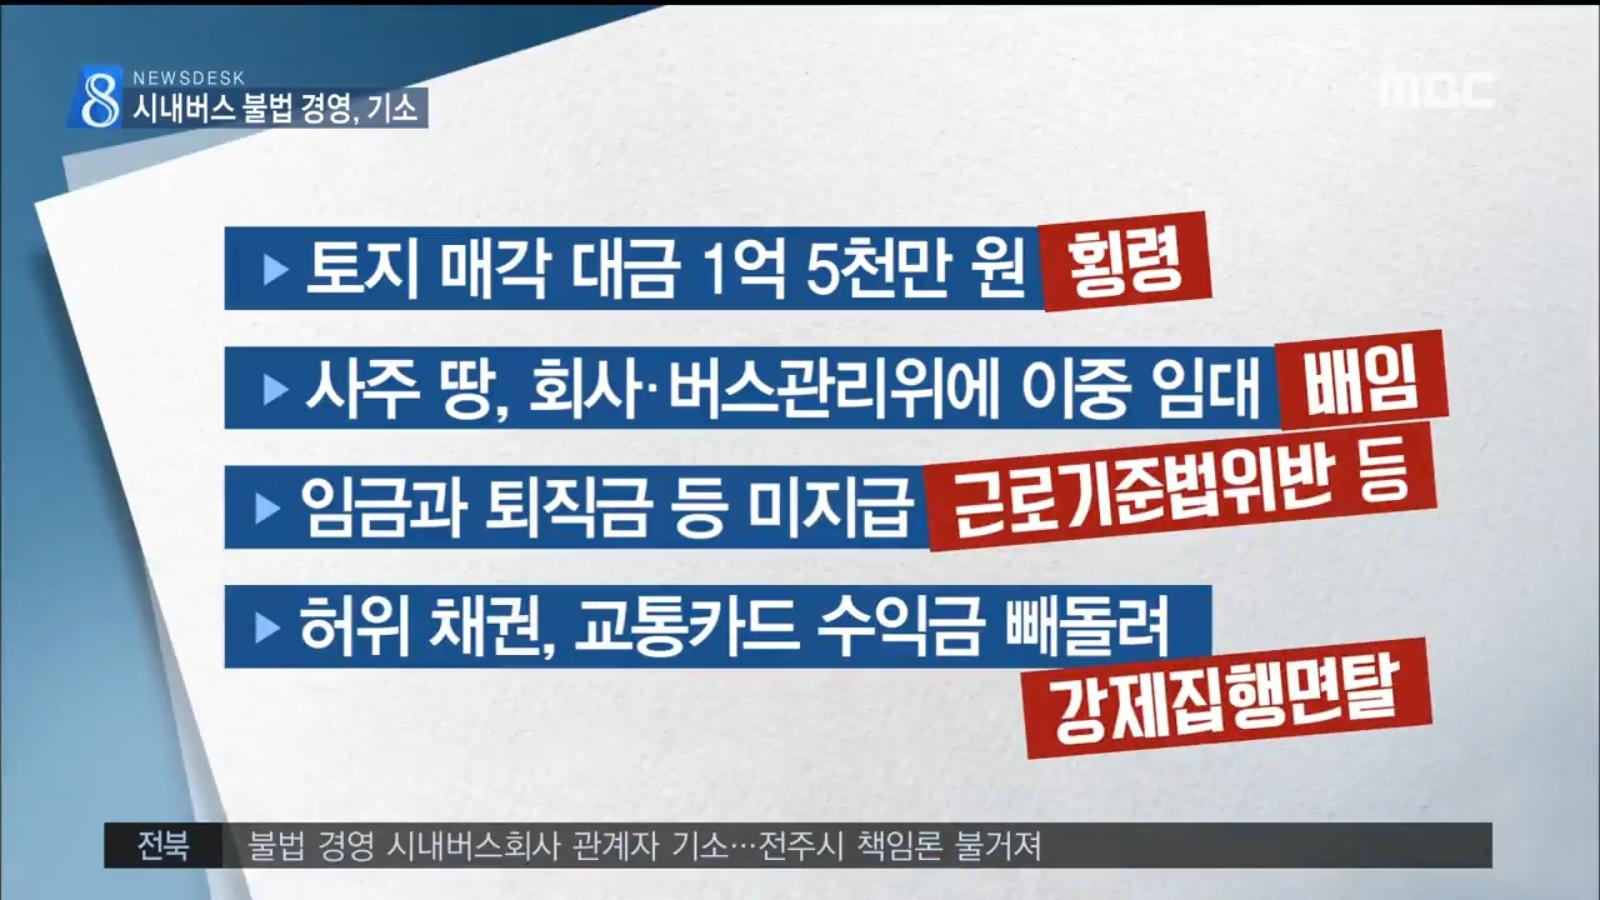 [18.5.7 MBC전주] 전주시내버스 부도덕한 경영 확인돼, 전주시 책임은4.jpg